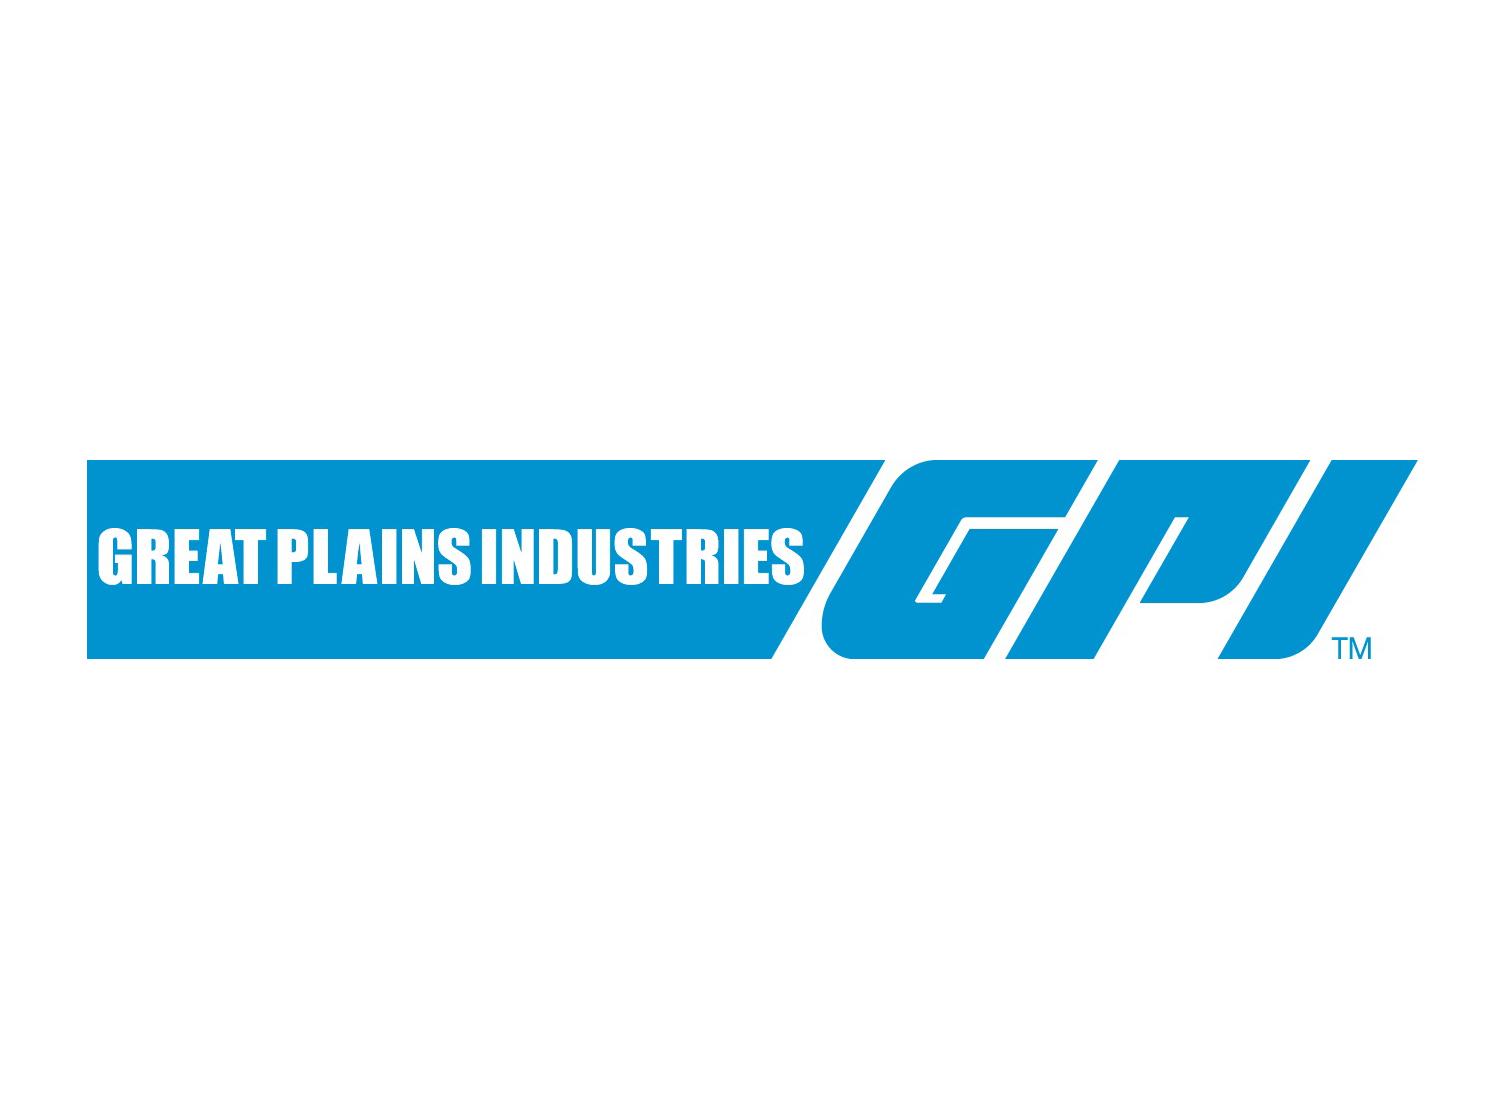 Great Plains Industries.jpg